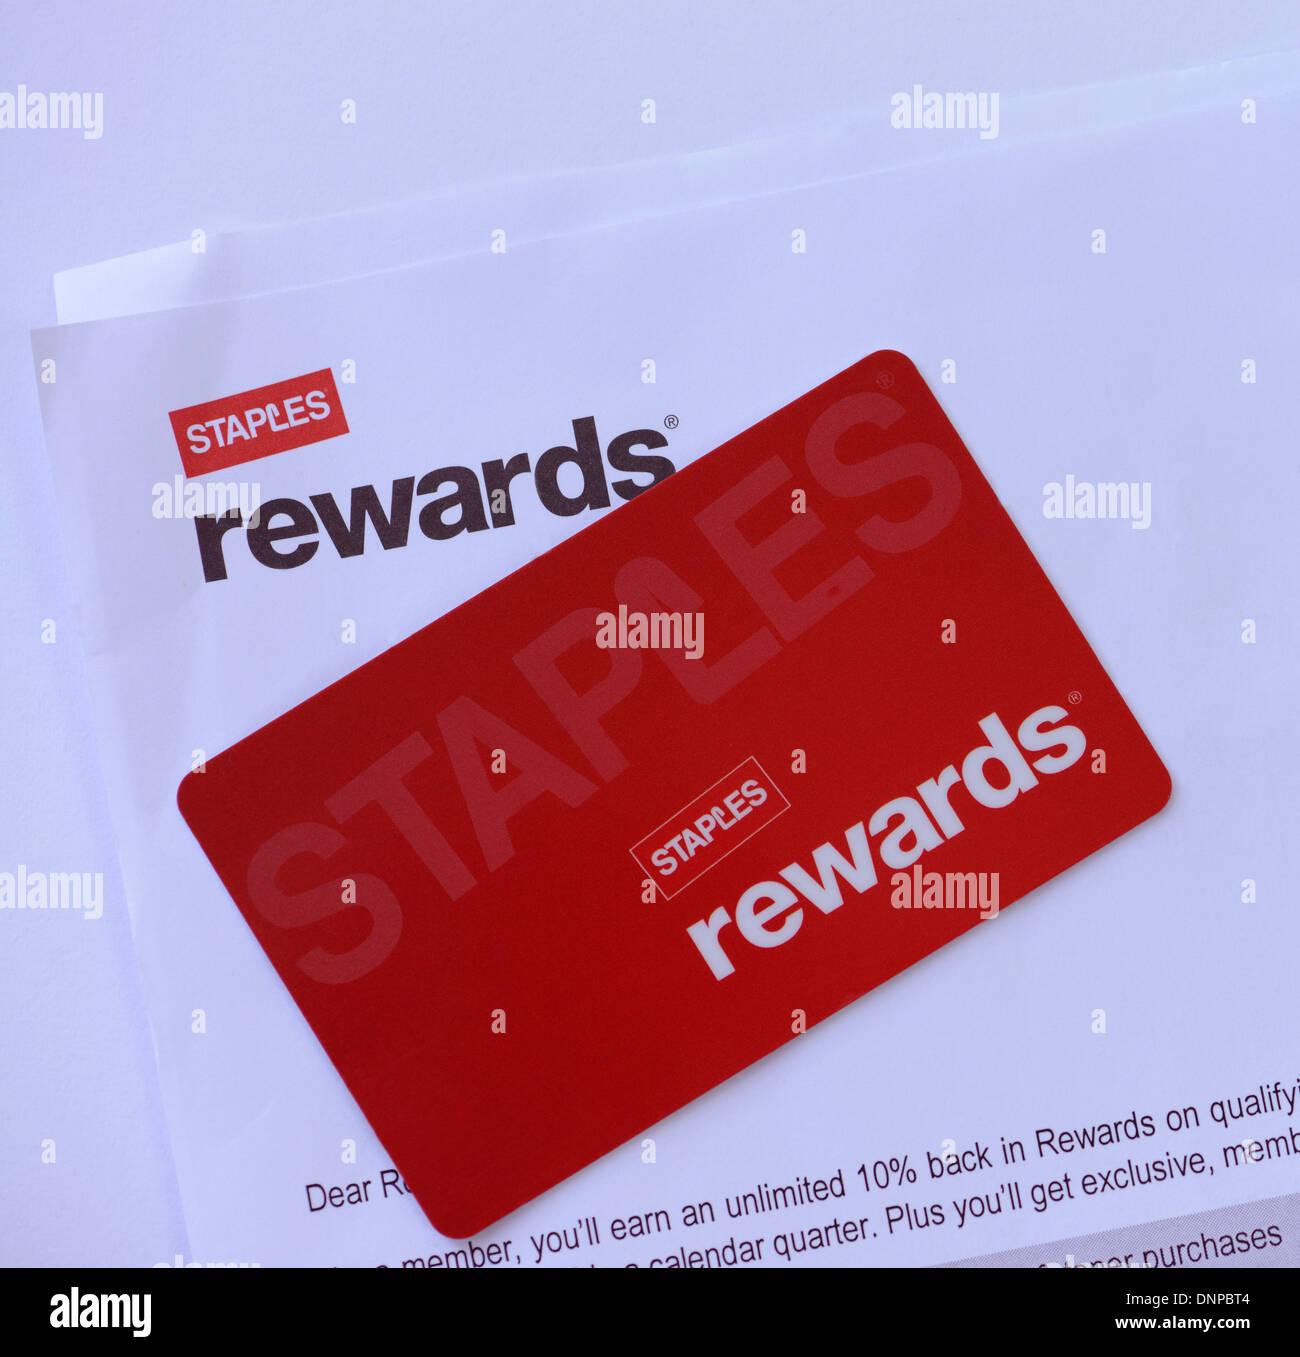 Staples-Kundenkarte und einleitenden Brief Stockbild